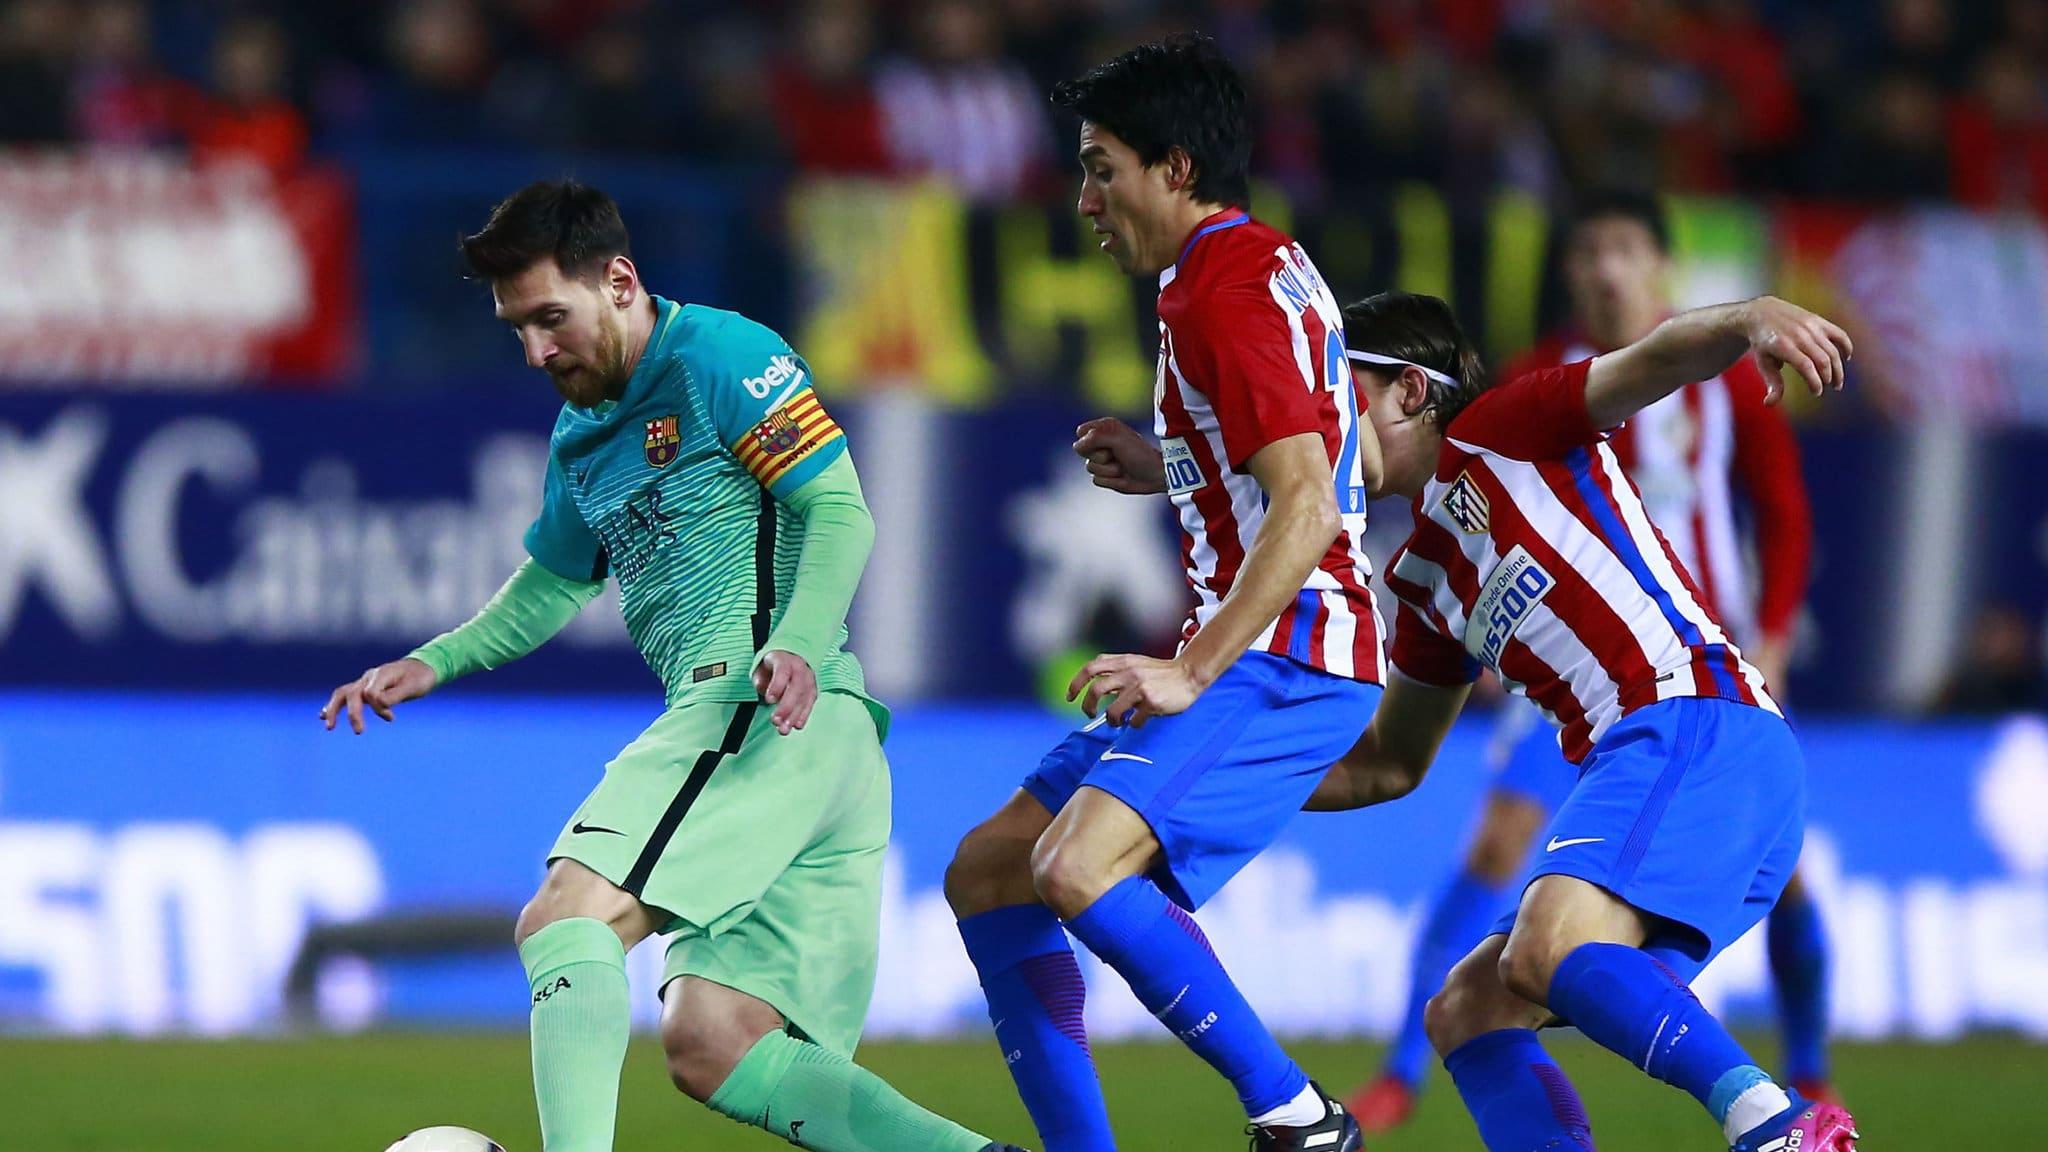 سواريز يحافظ على بداية برشلونة المثالية ورونالدو ينقذ ريال أمام خيتافي